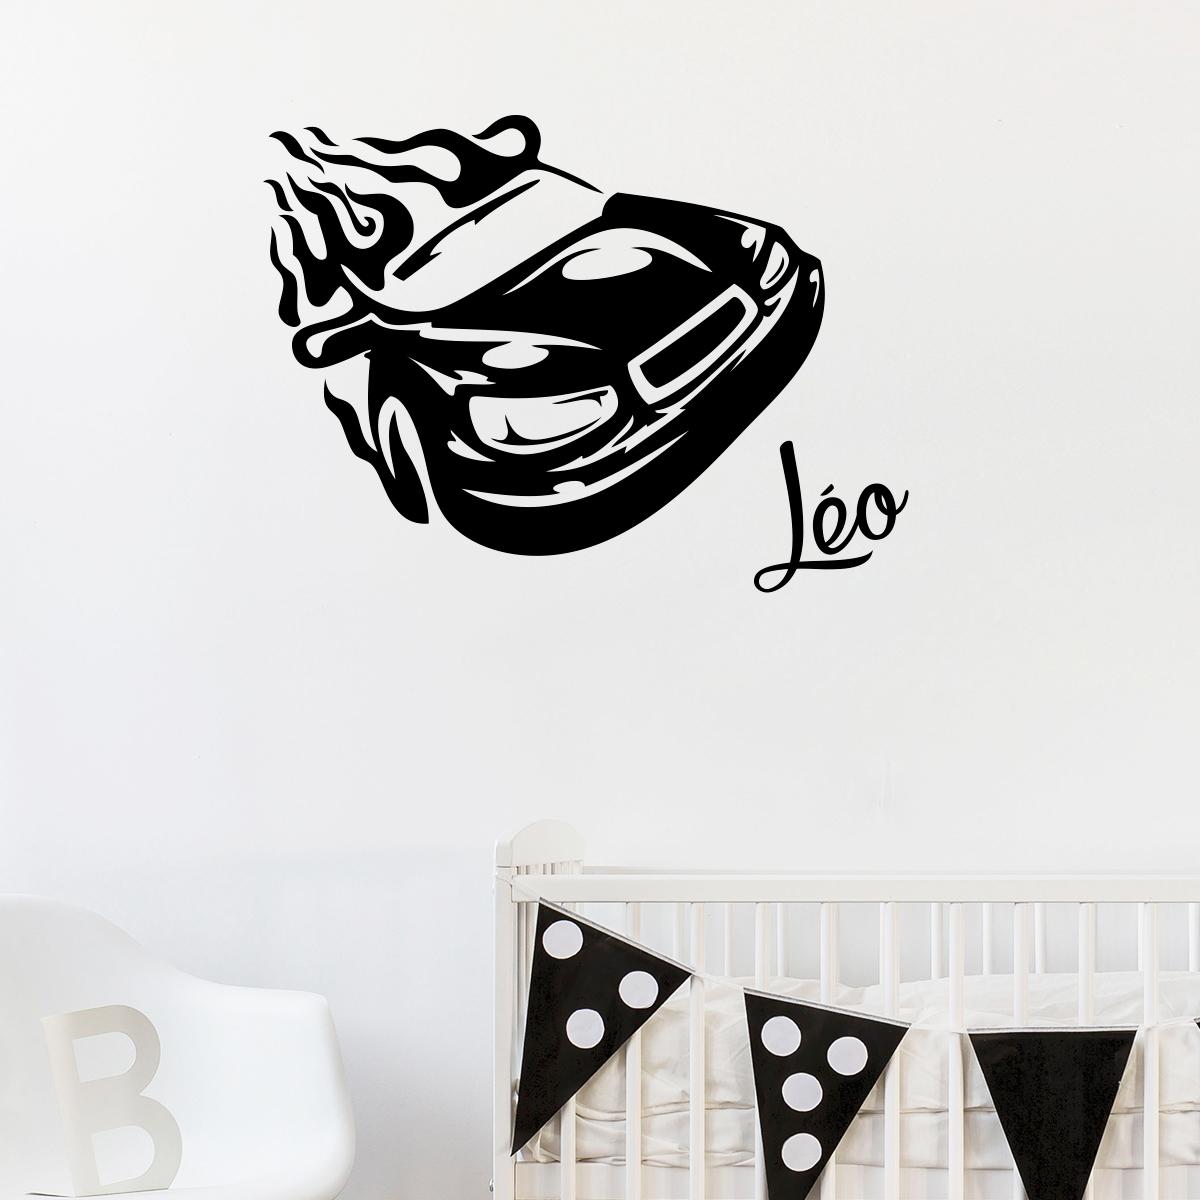 sticker pr nom personnalisable voiture de course chambre. Black Bedroom Furniture Sets. Home Design Ideas